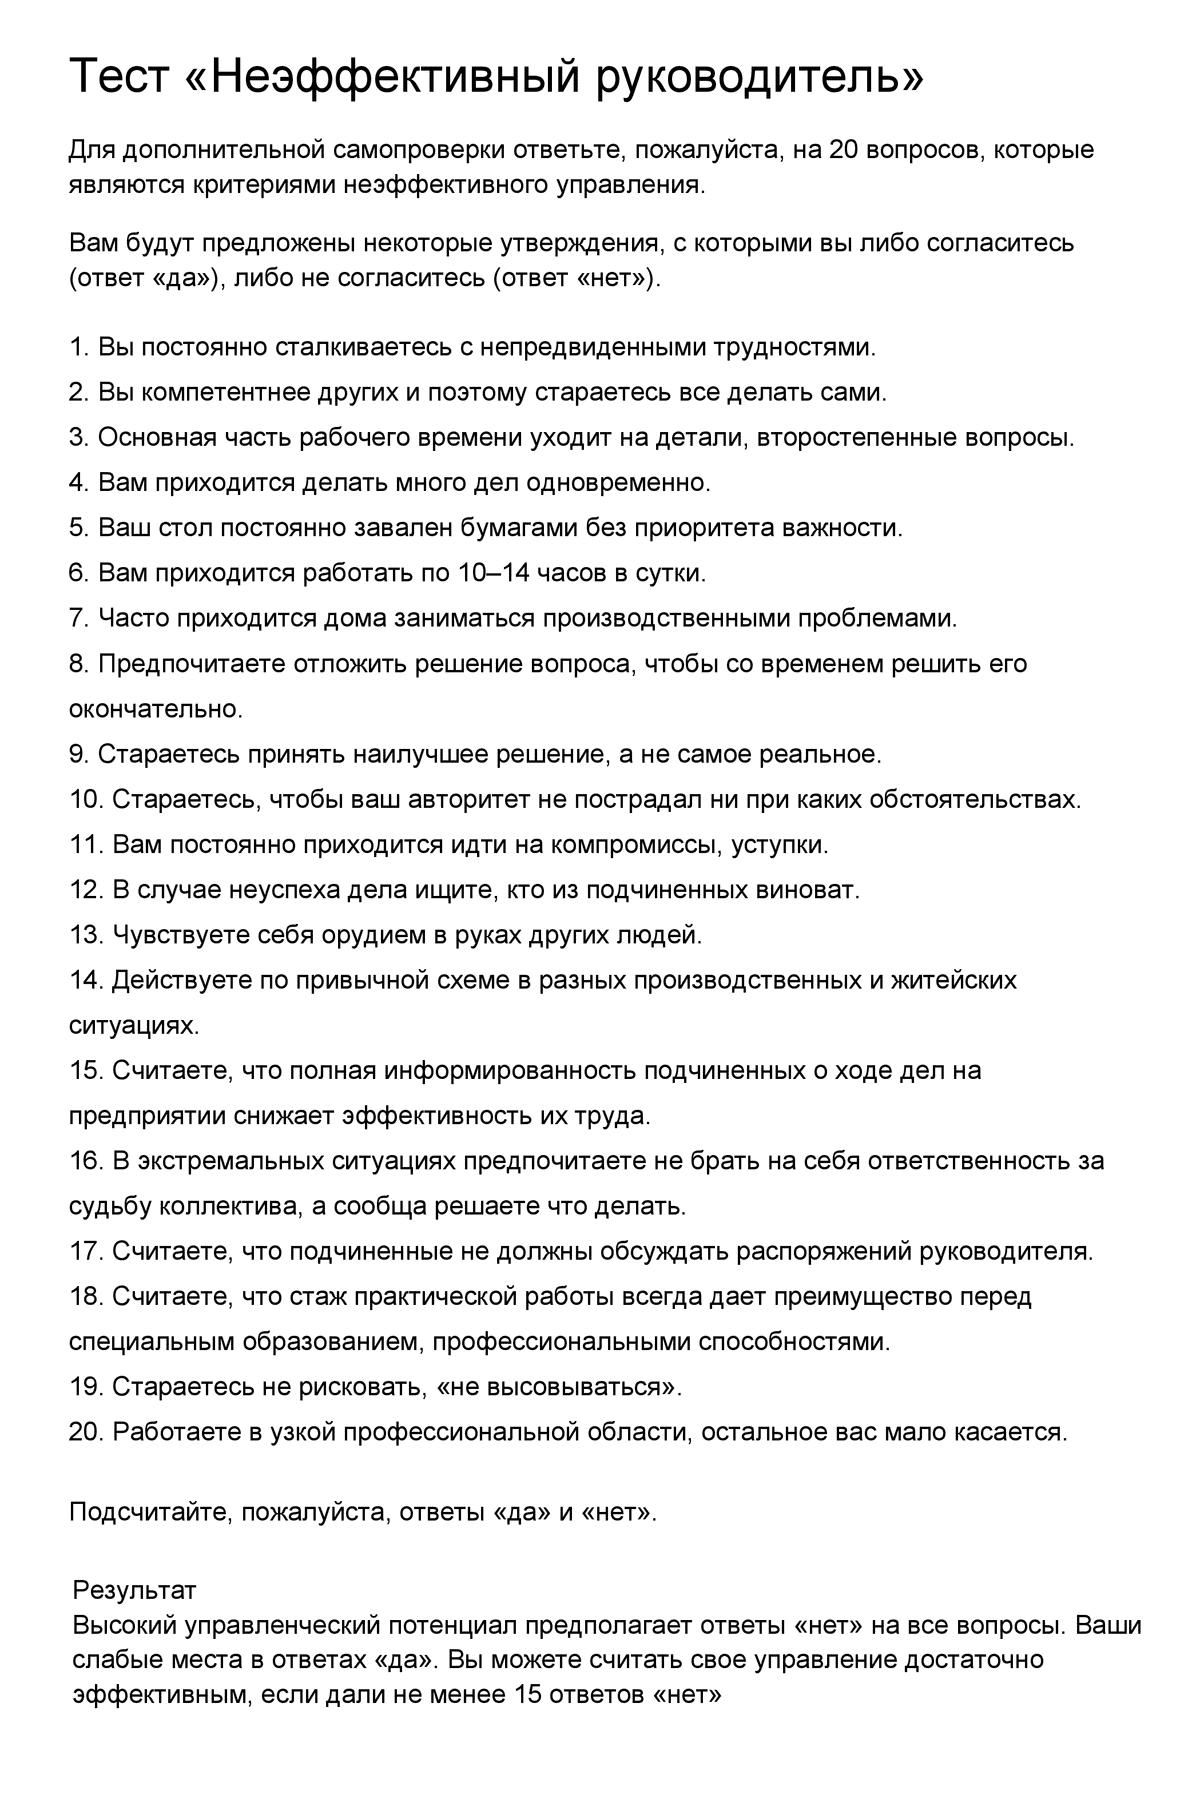 Вот тест под названием «Неэффективный руководитель». Чтобы его пройти, на большинство утверждений нужно ответить «нет» — это покажет ваш высокий управленческий потенциал. Источник: портал «Золотые врата Урала»